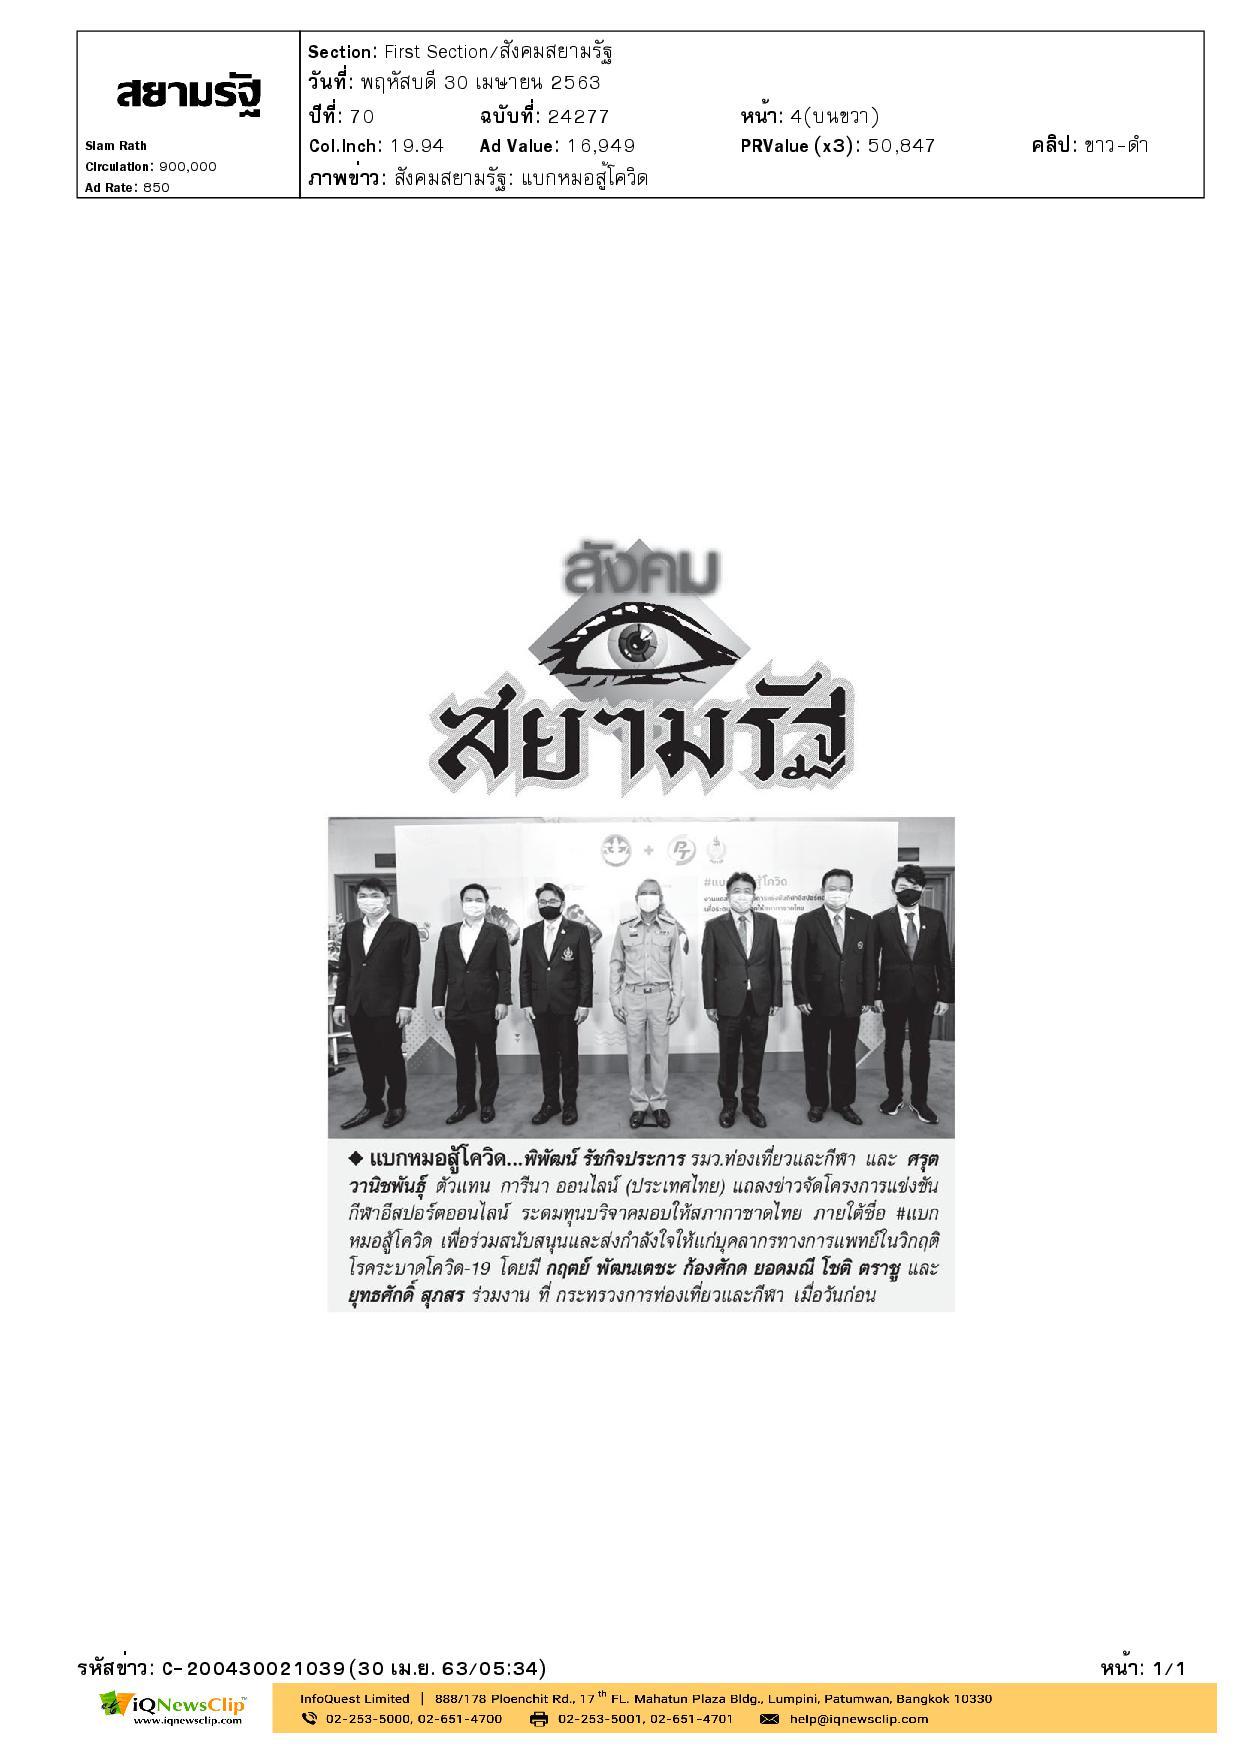 การแข่งขันกีฬาอีสปอร์ต เพื่อระดมทุนบริจาคให้สภากาชาดไทย